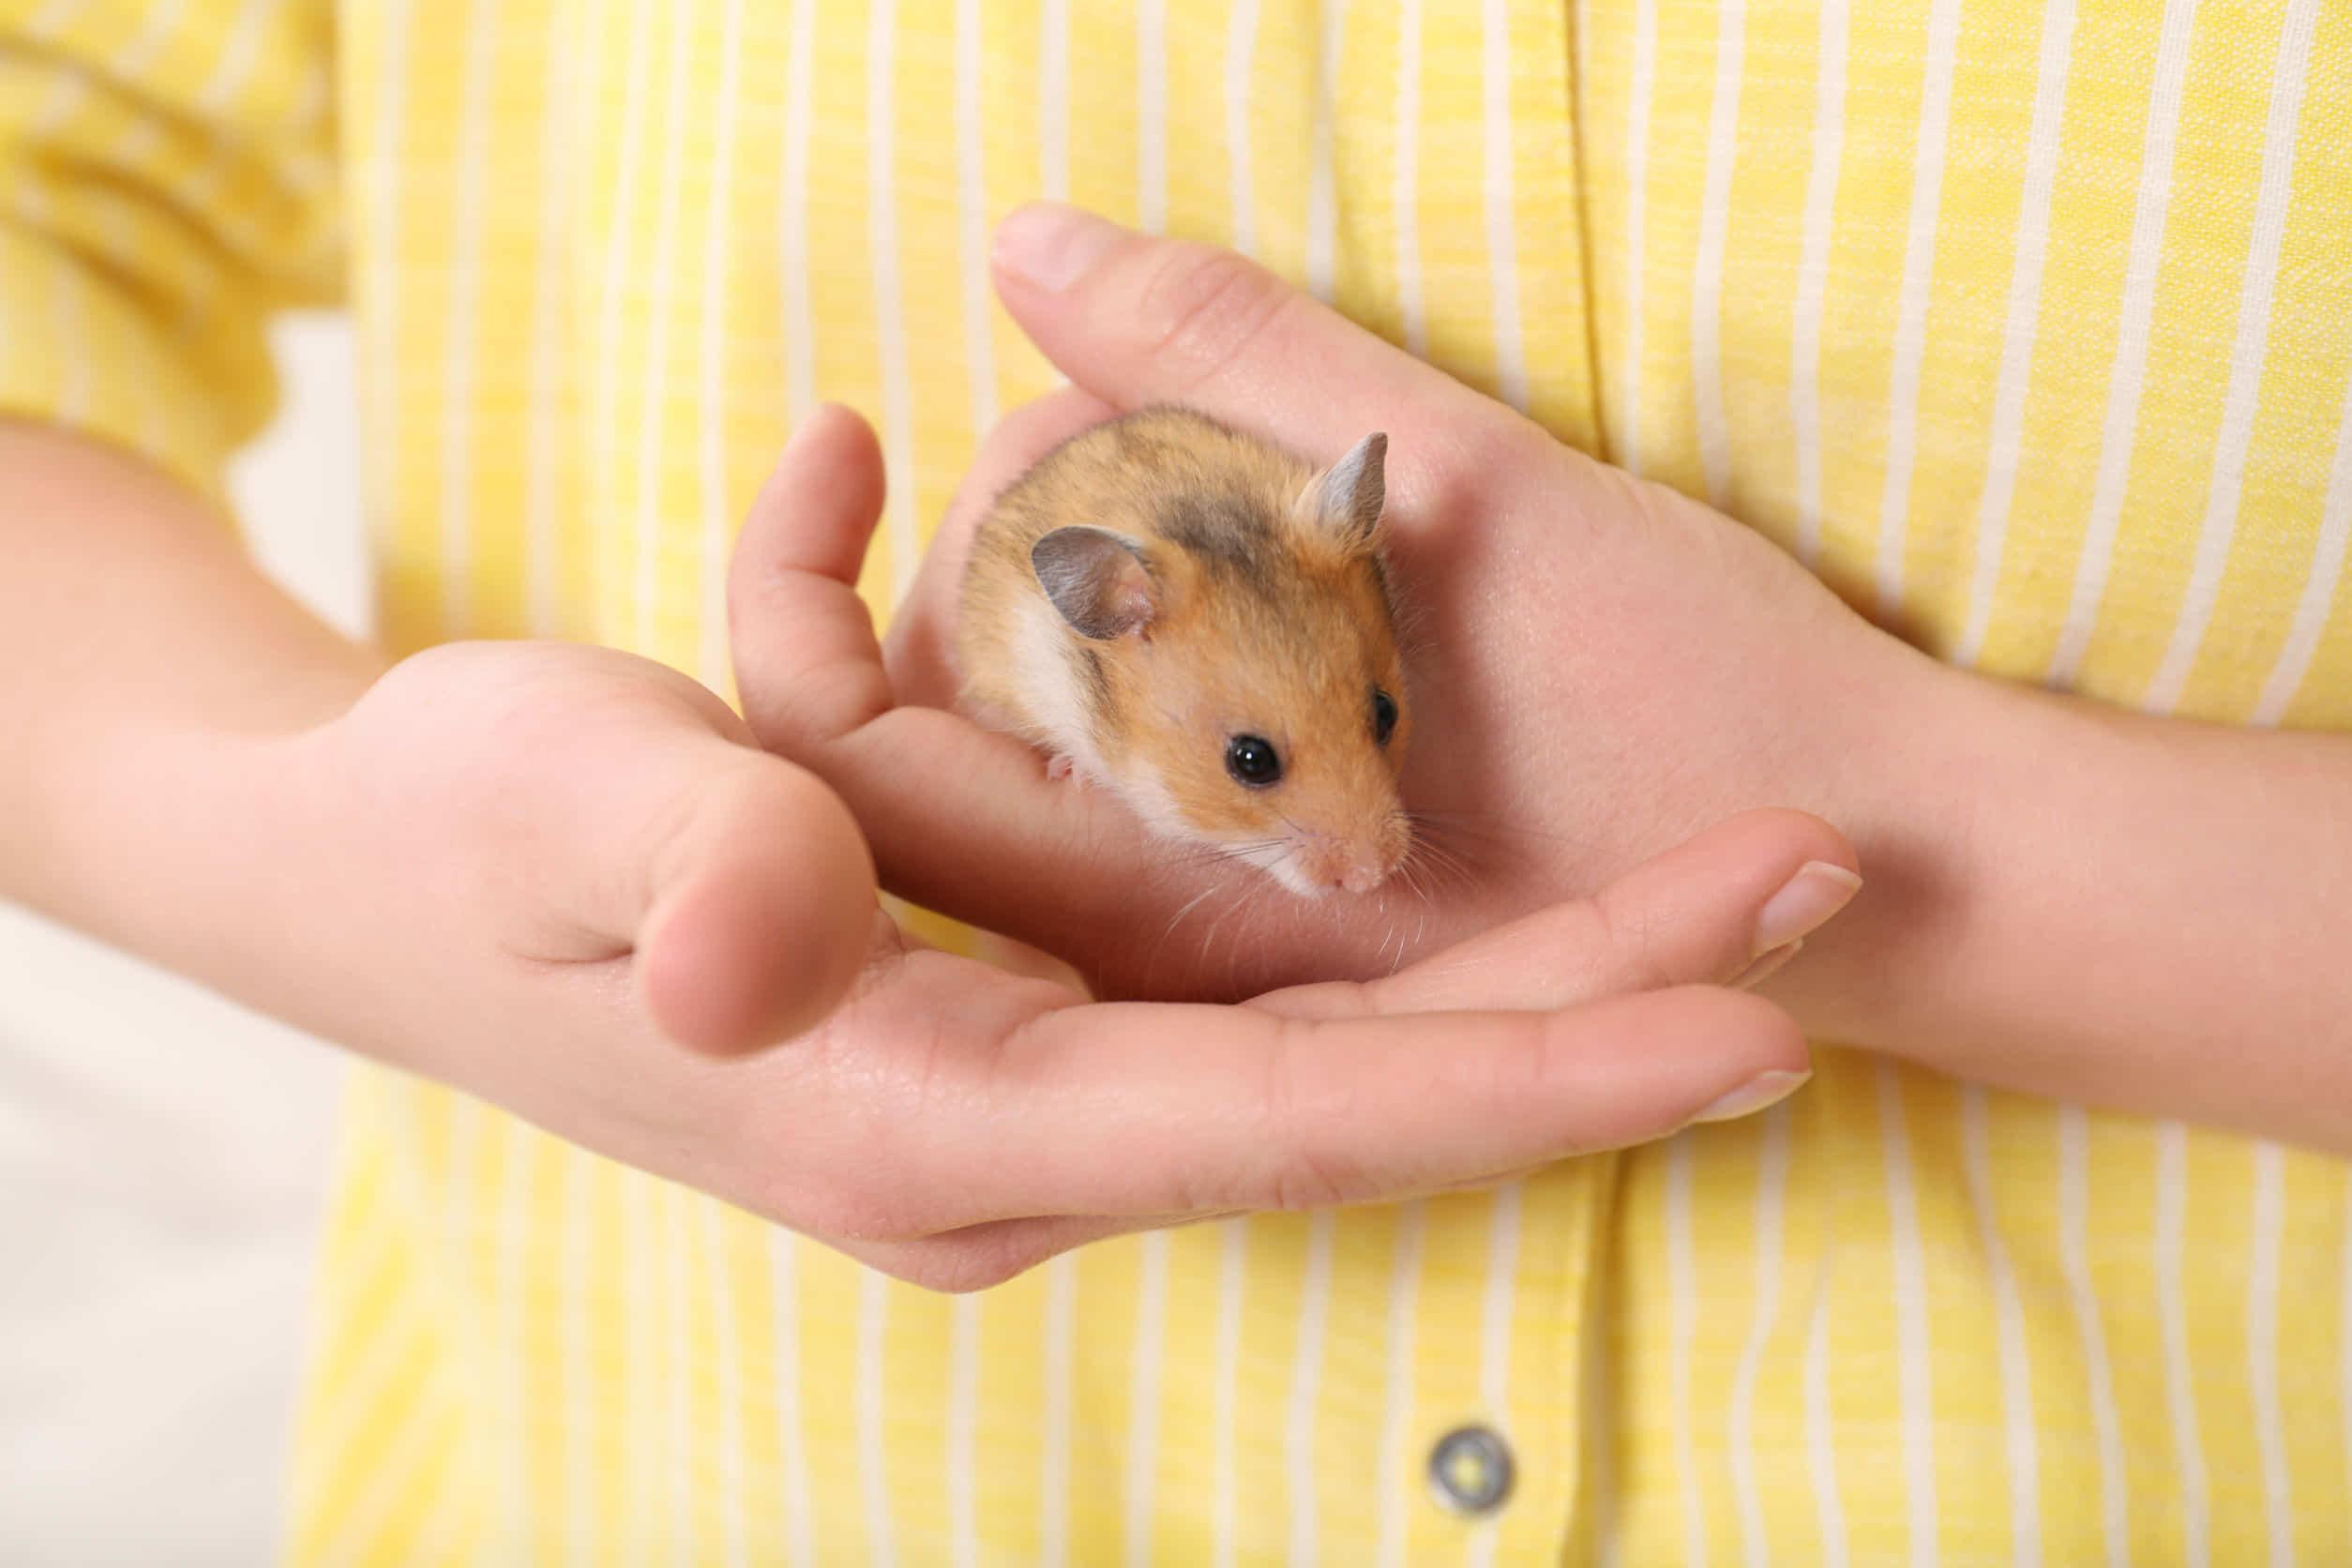 ハムスターの爪切りは必要?伸びすぎたときの正しい対処は?飼育環境が大切!